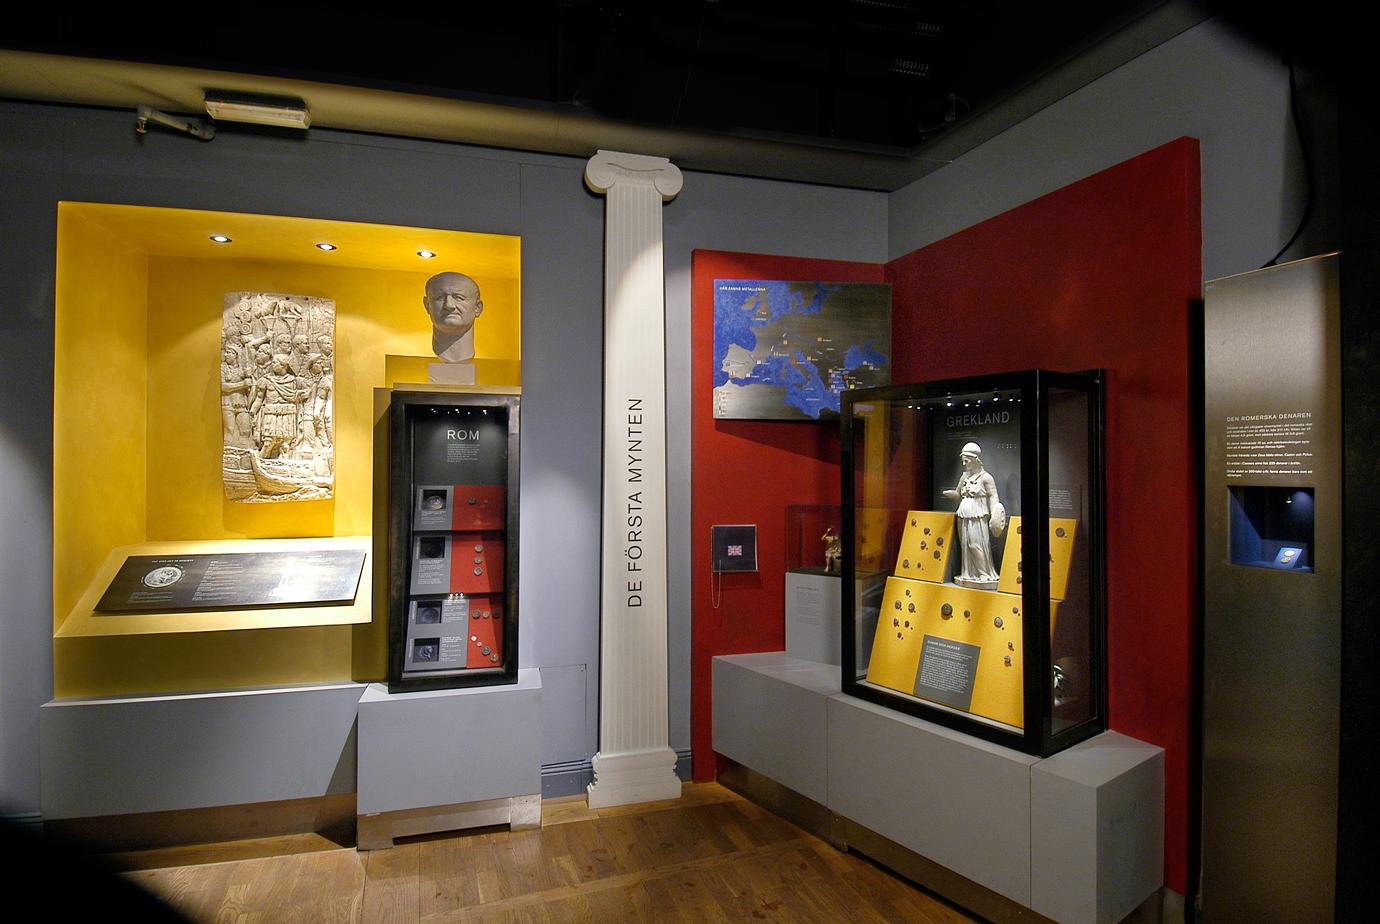 Utställningslokal med olika mynt placerade i montrar